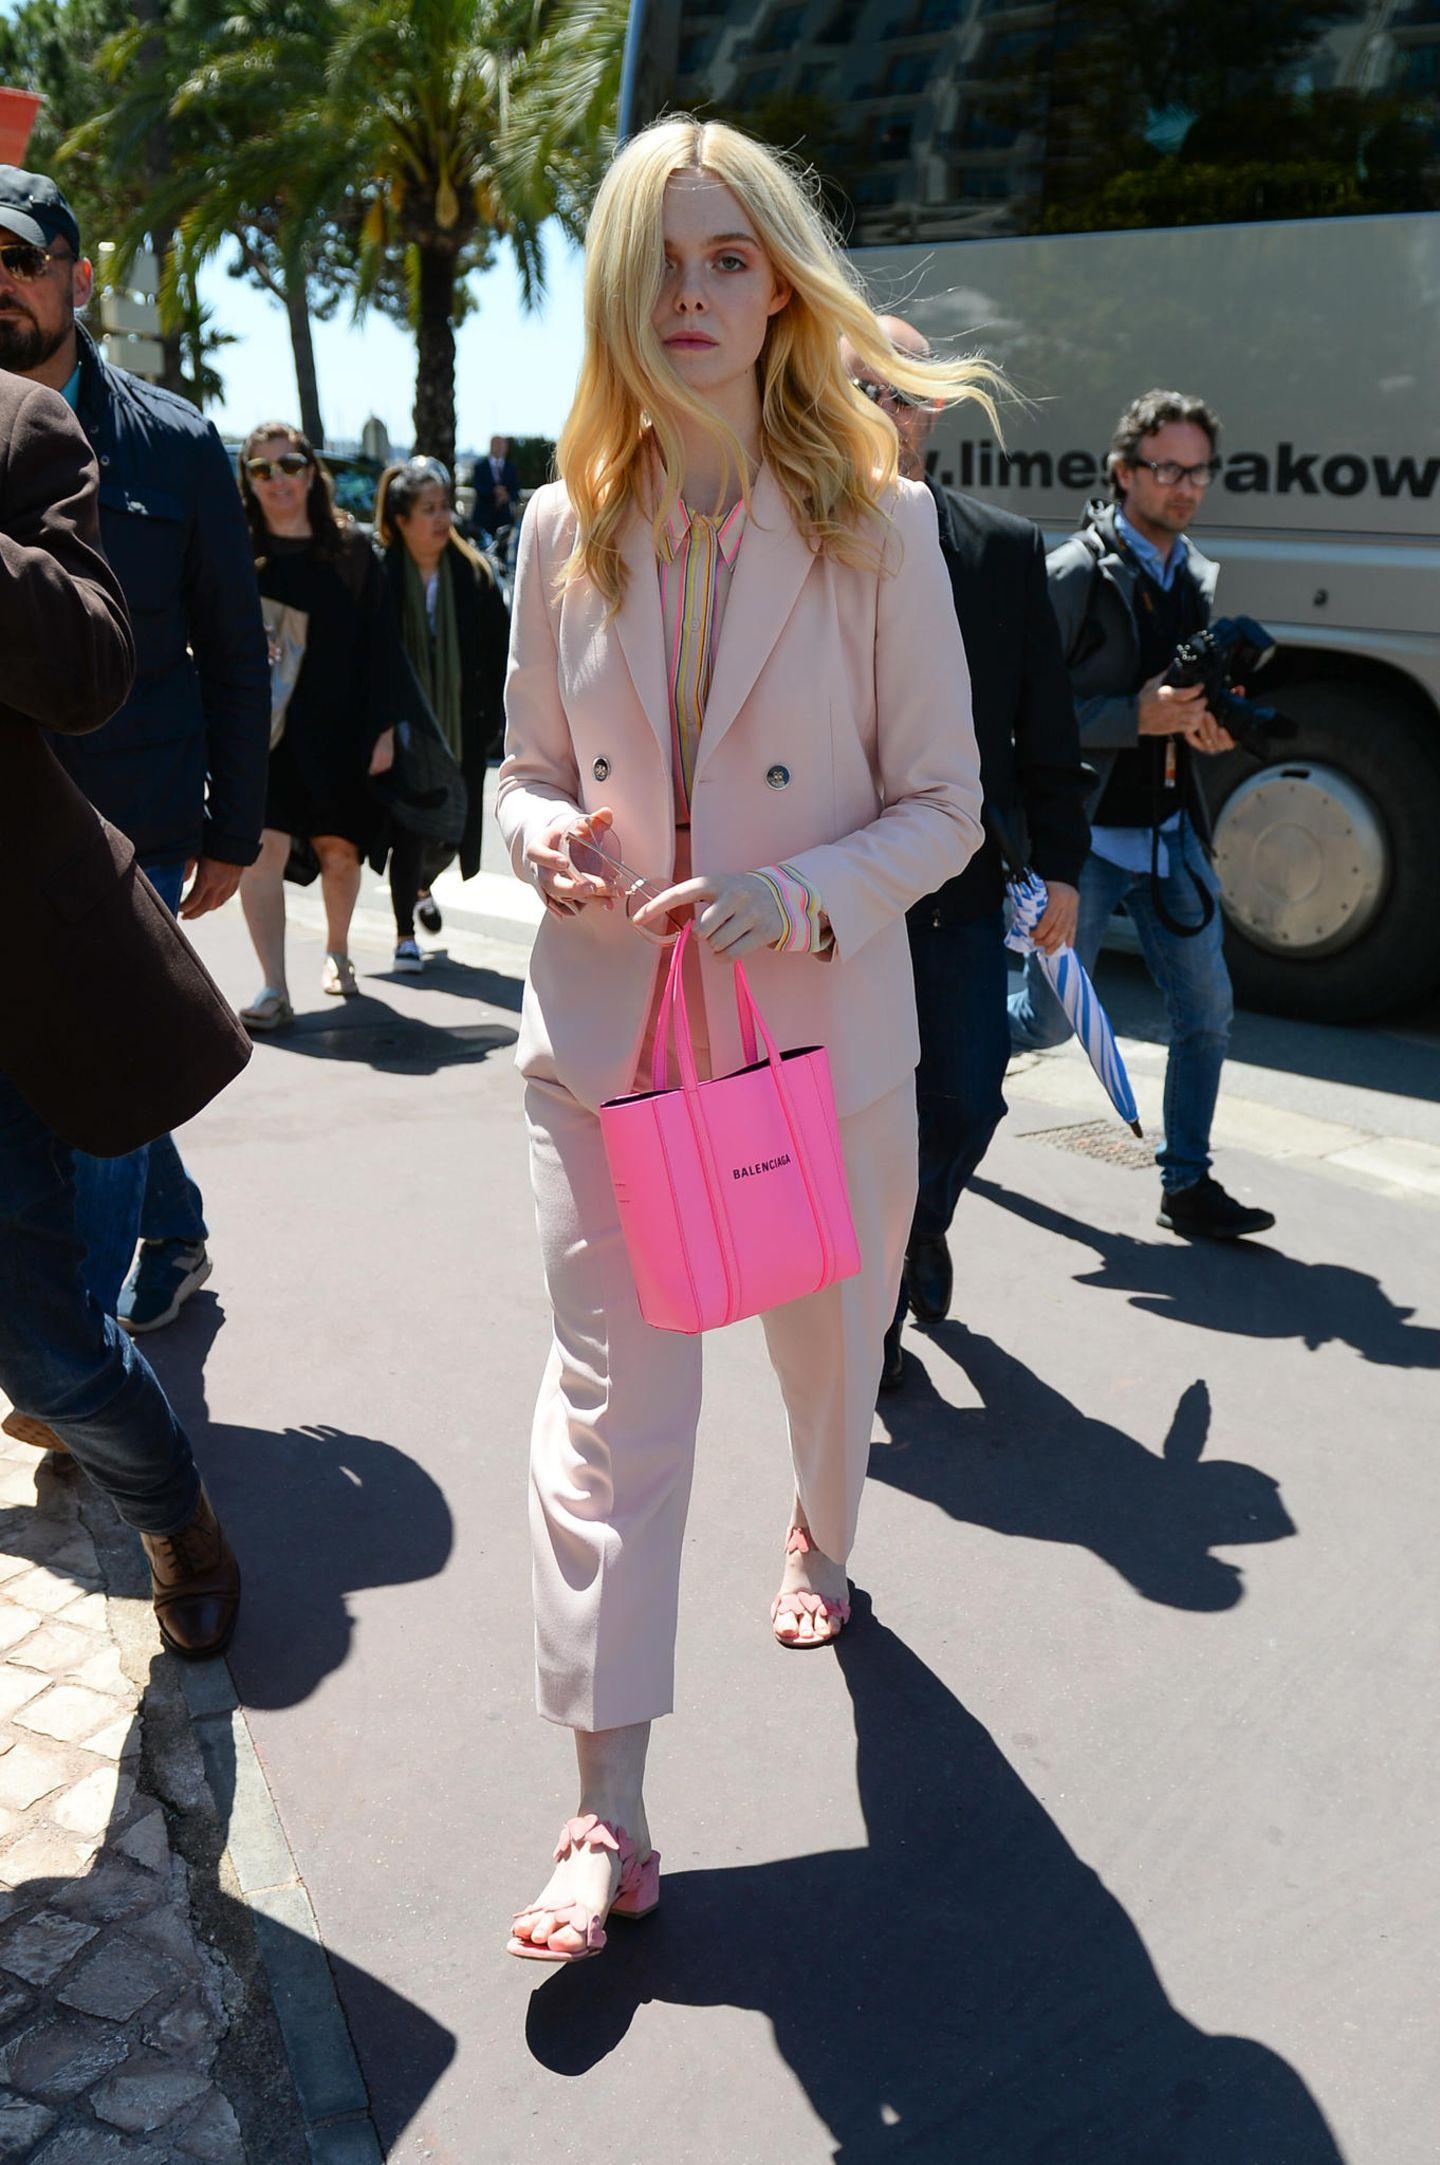 Bevor es zum Fotoshooting mitL'Oréal geht, spaziert Elle Fanning, diesjähriges Jurymitglied der Filmfestspiele, in einem rosafarbenen Hosenanzug und pinkfarbener Handtasche durch Cannes.